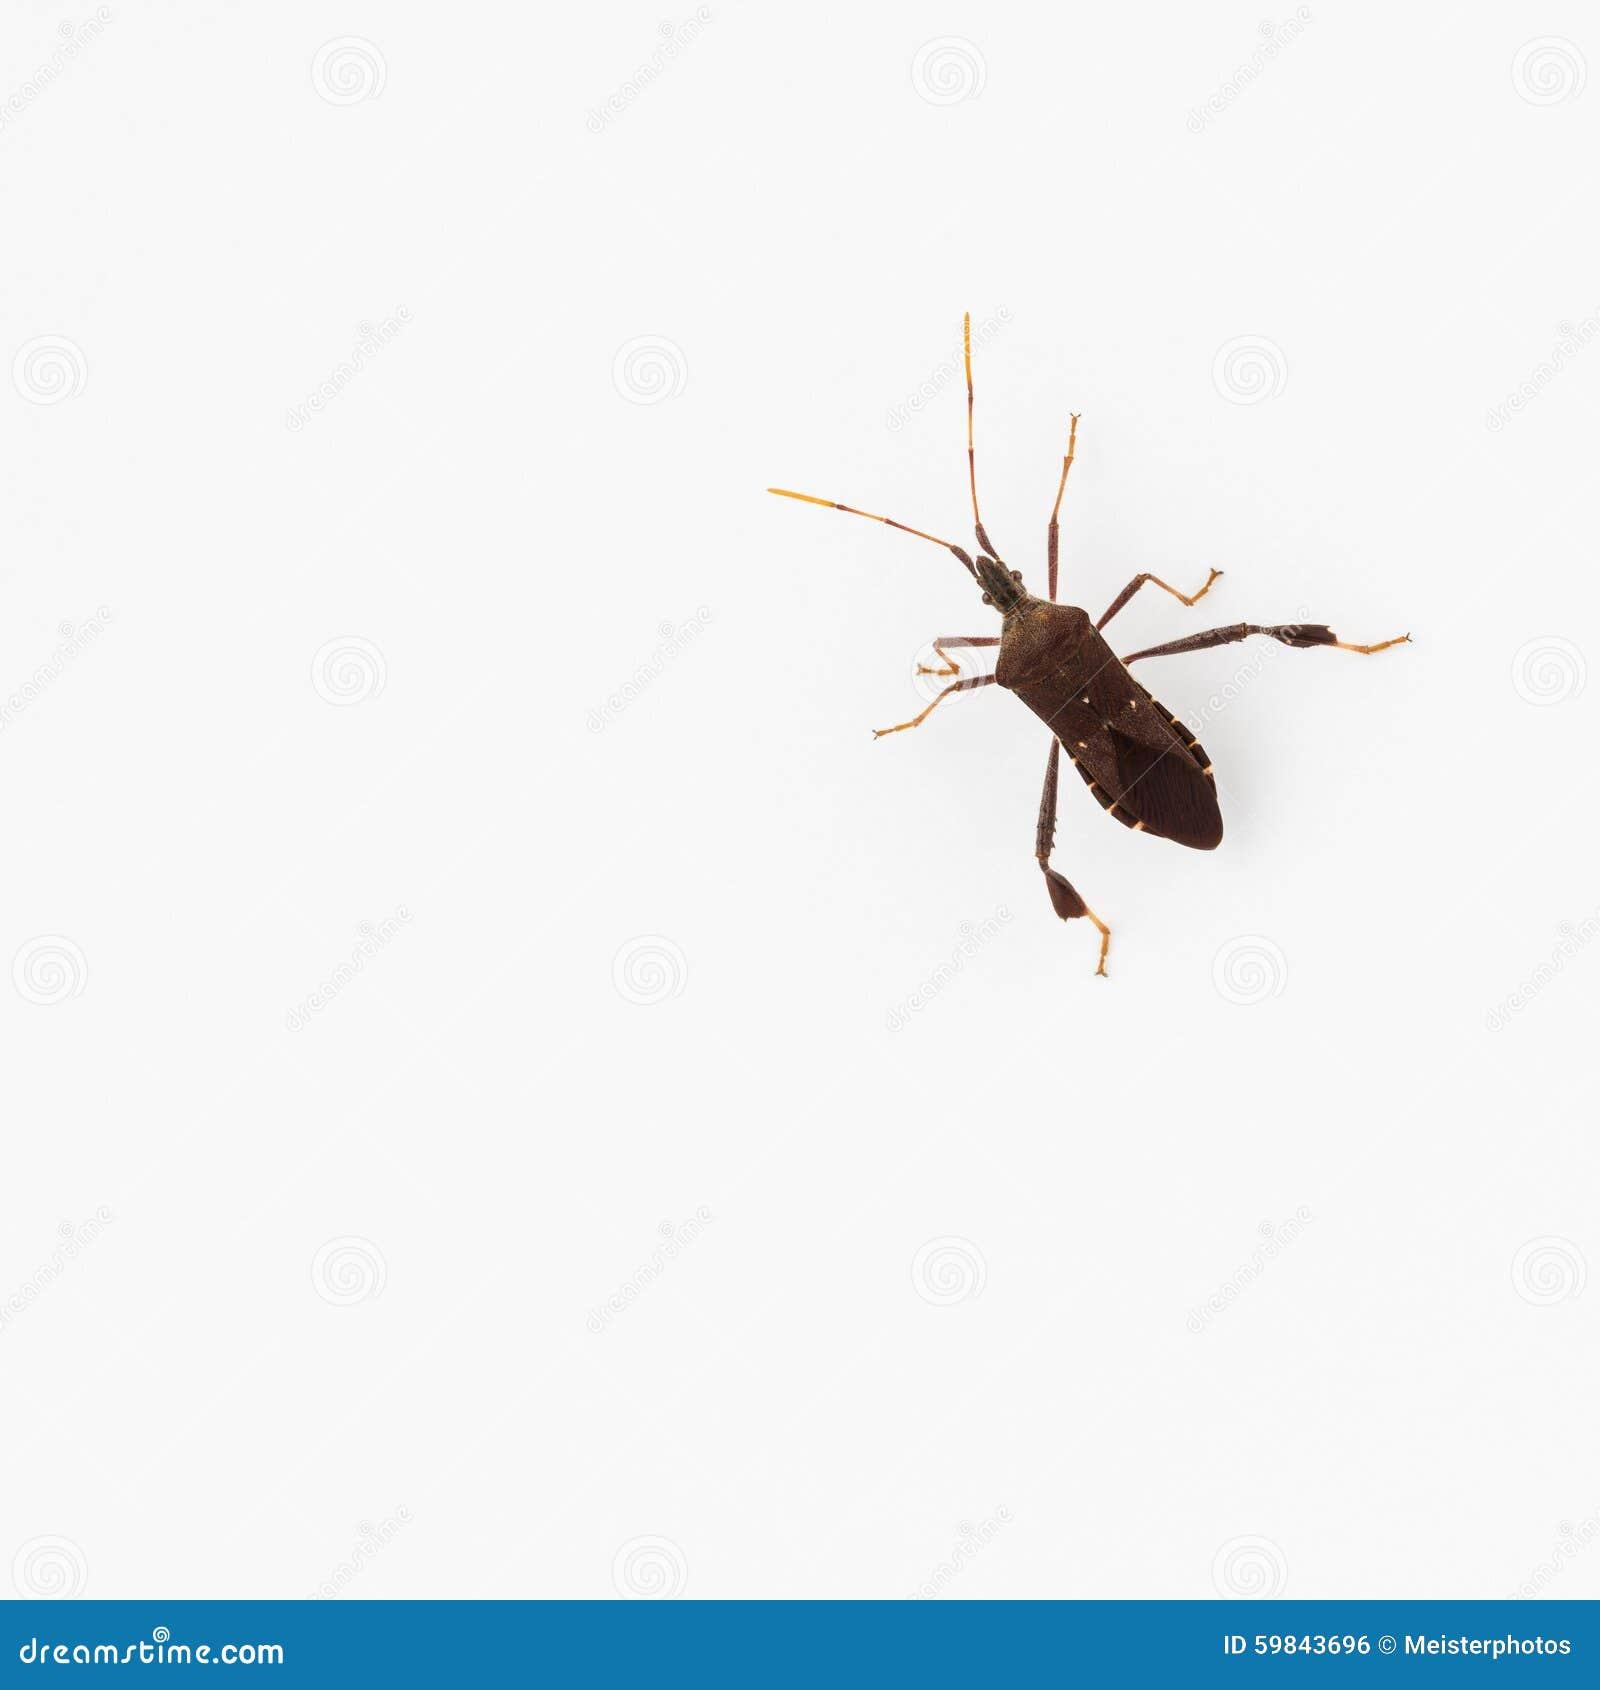 Blad-betaald insect, een sap zuigend ongedierte